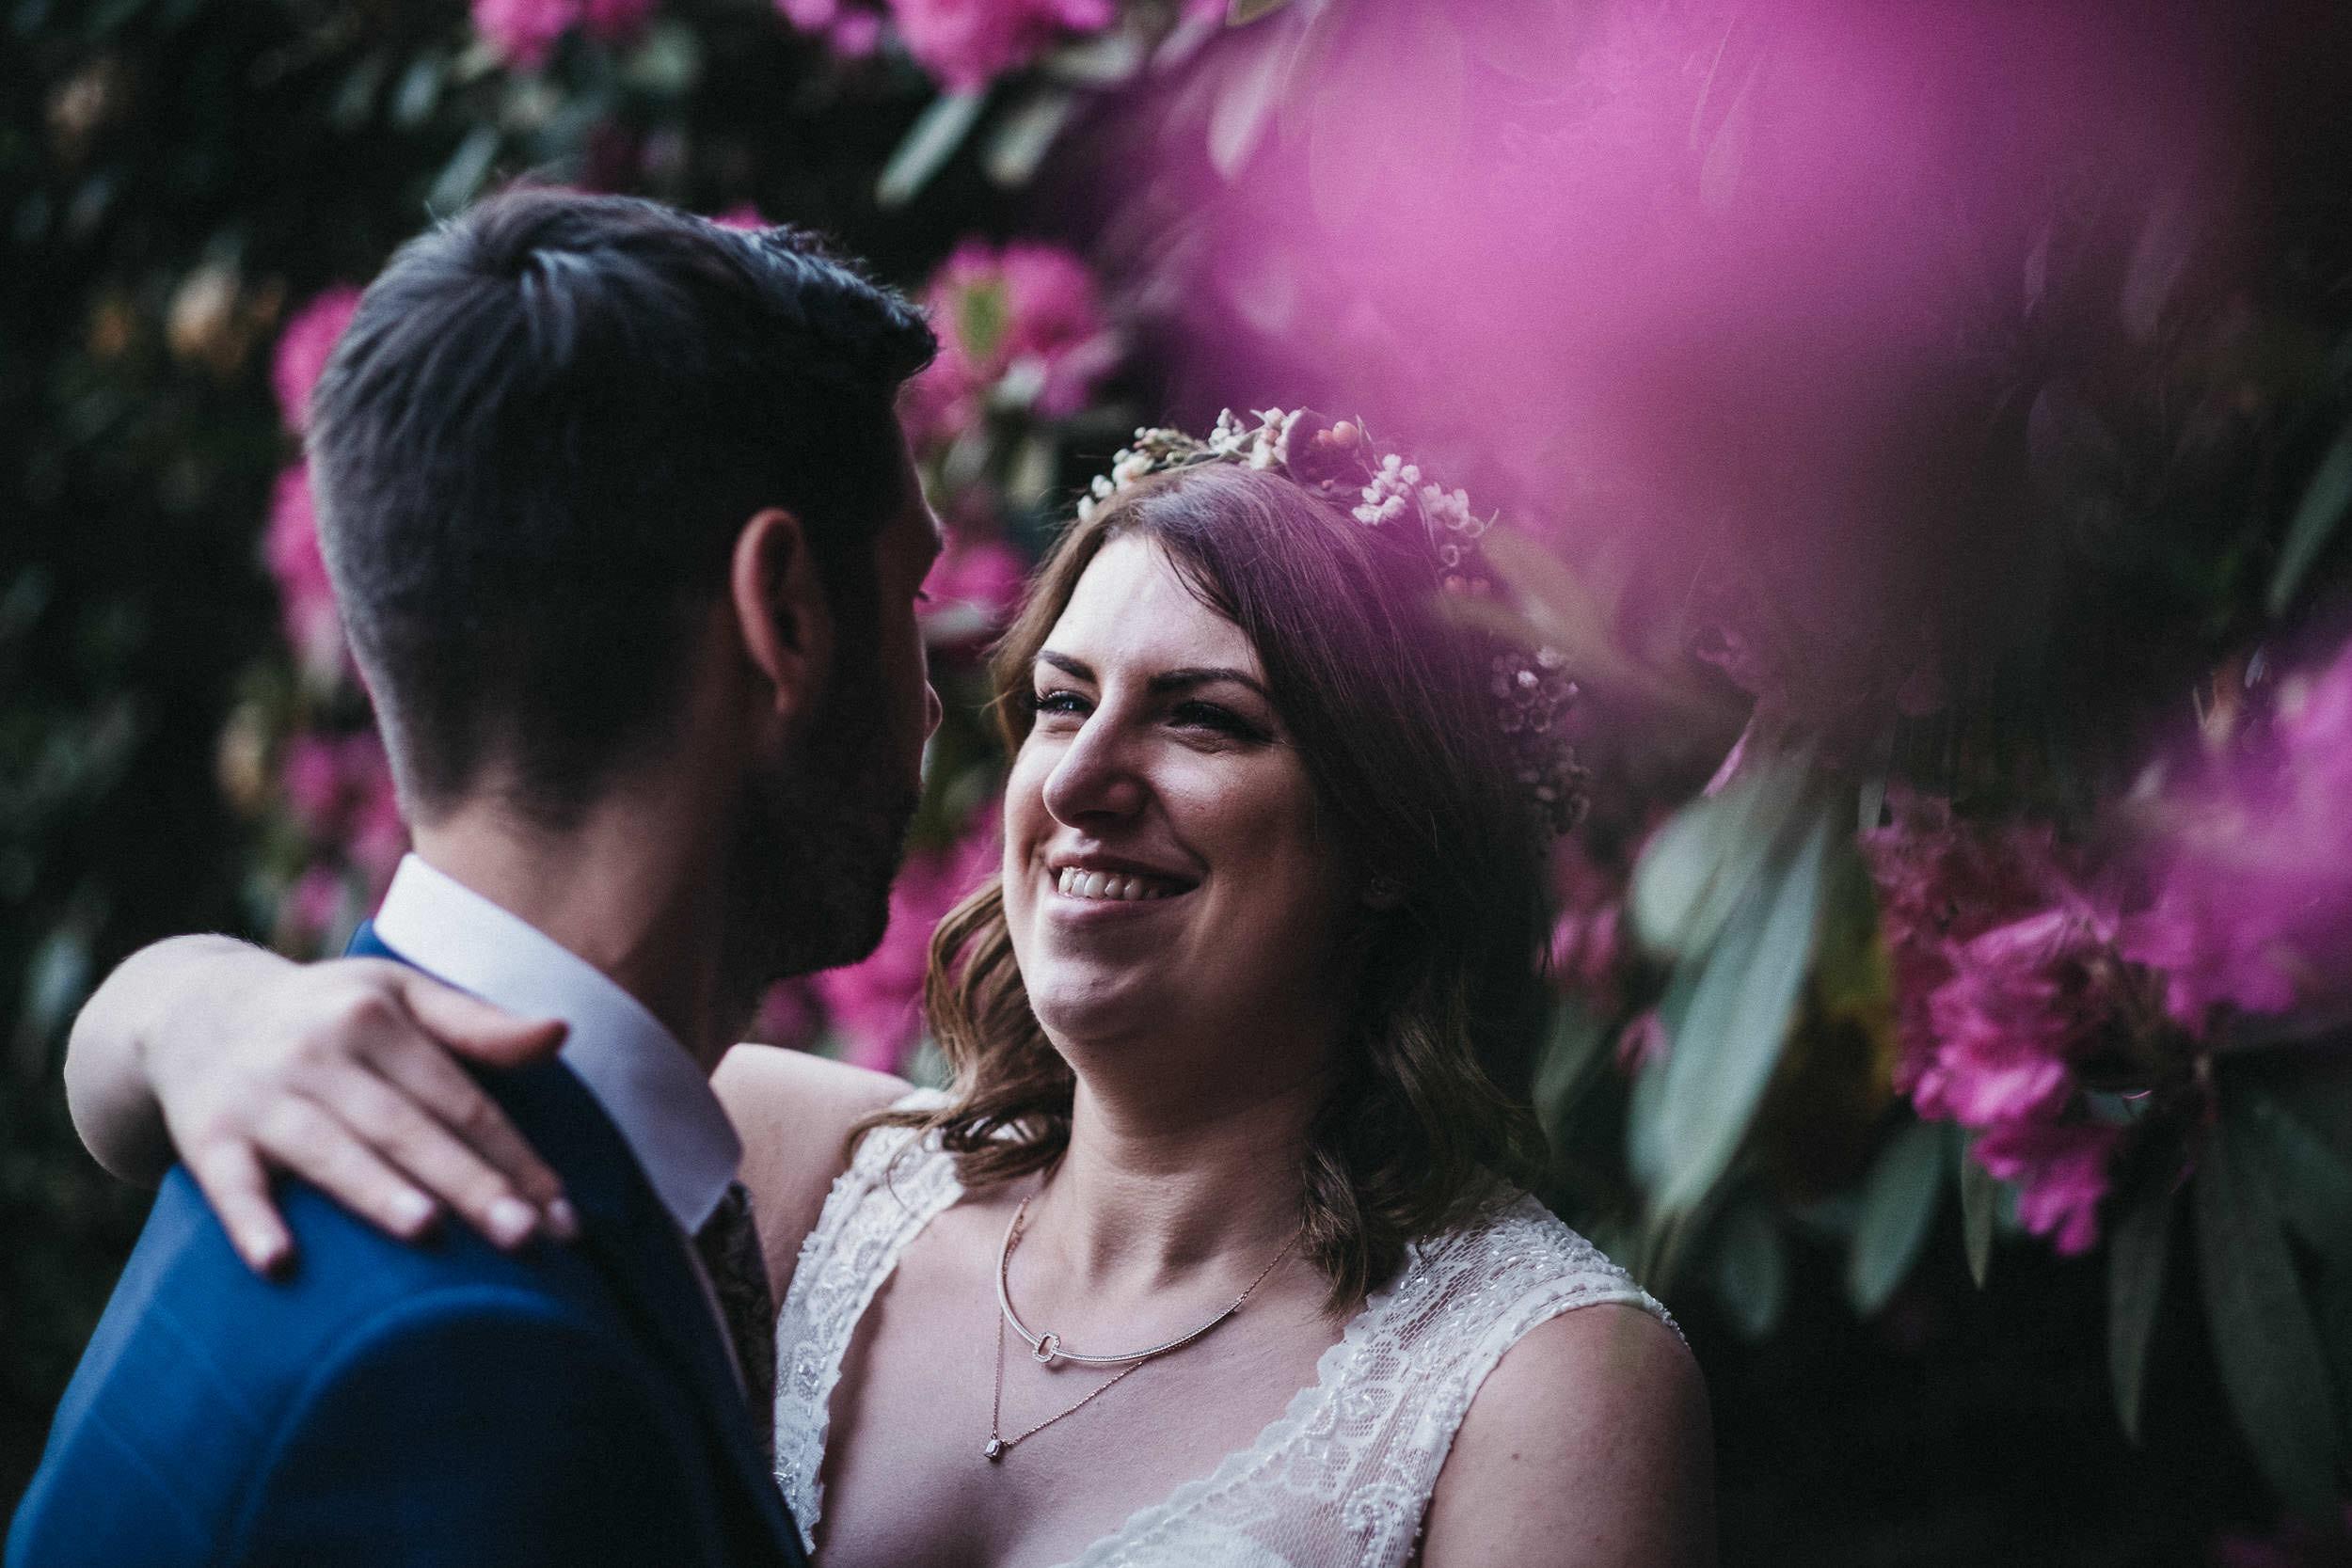 Bride smiles at groom amongst pink flowers